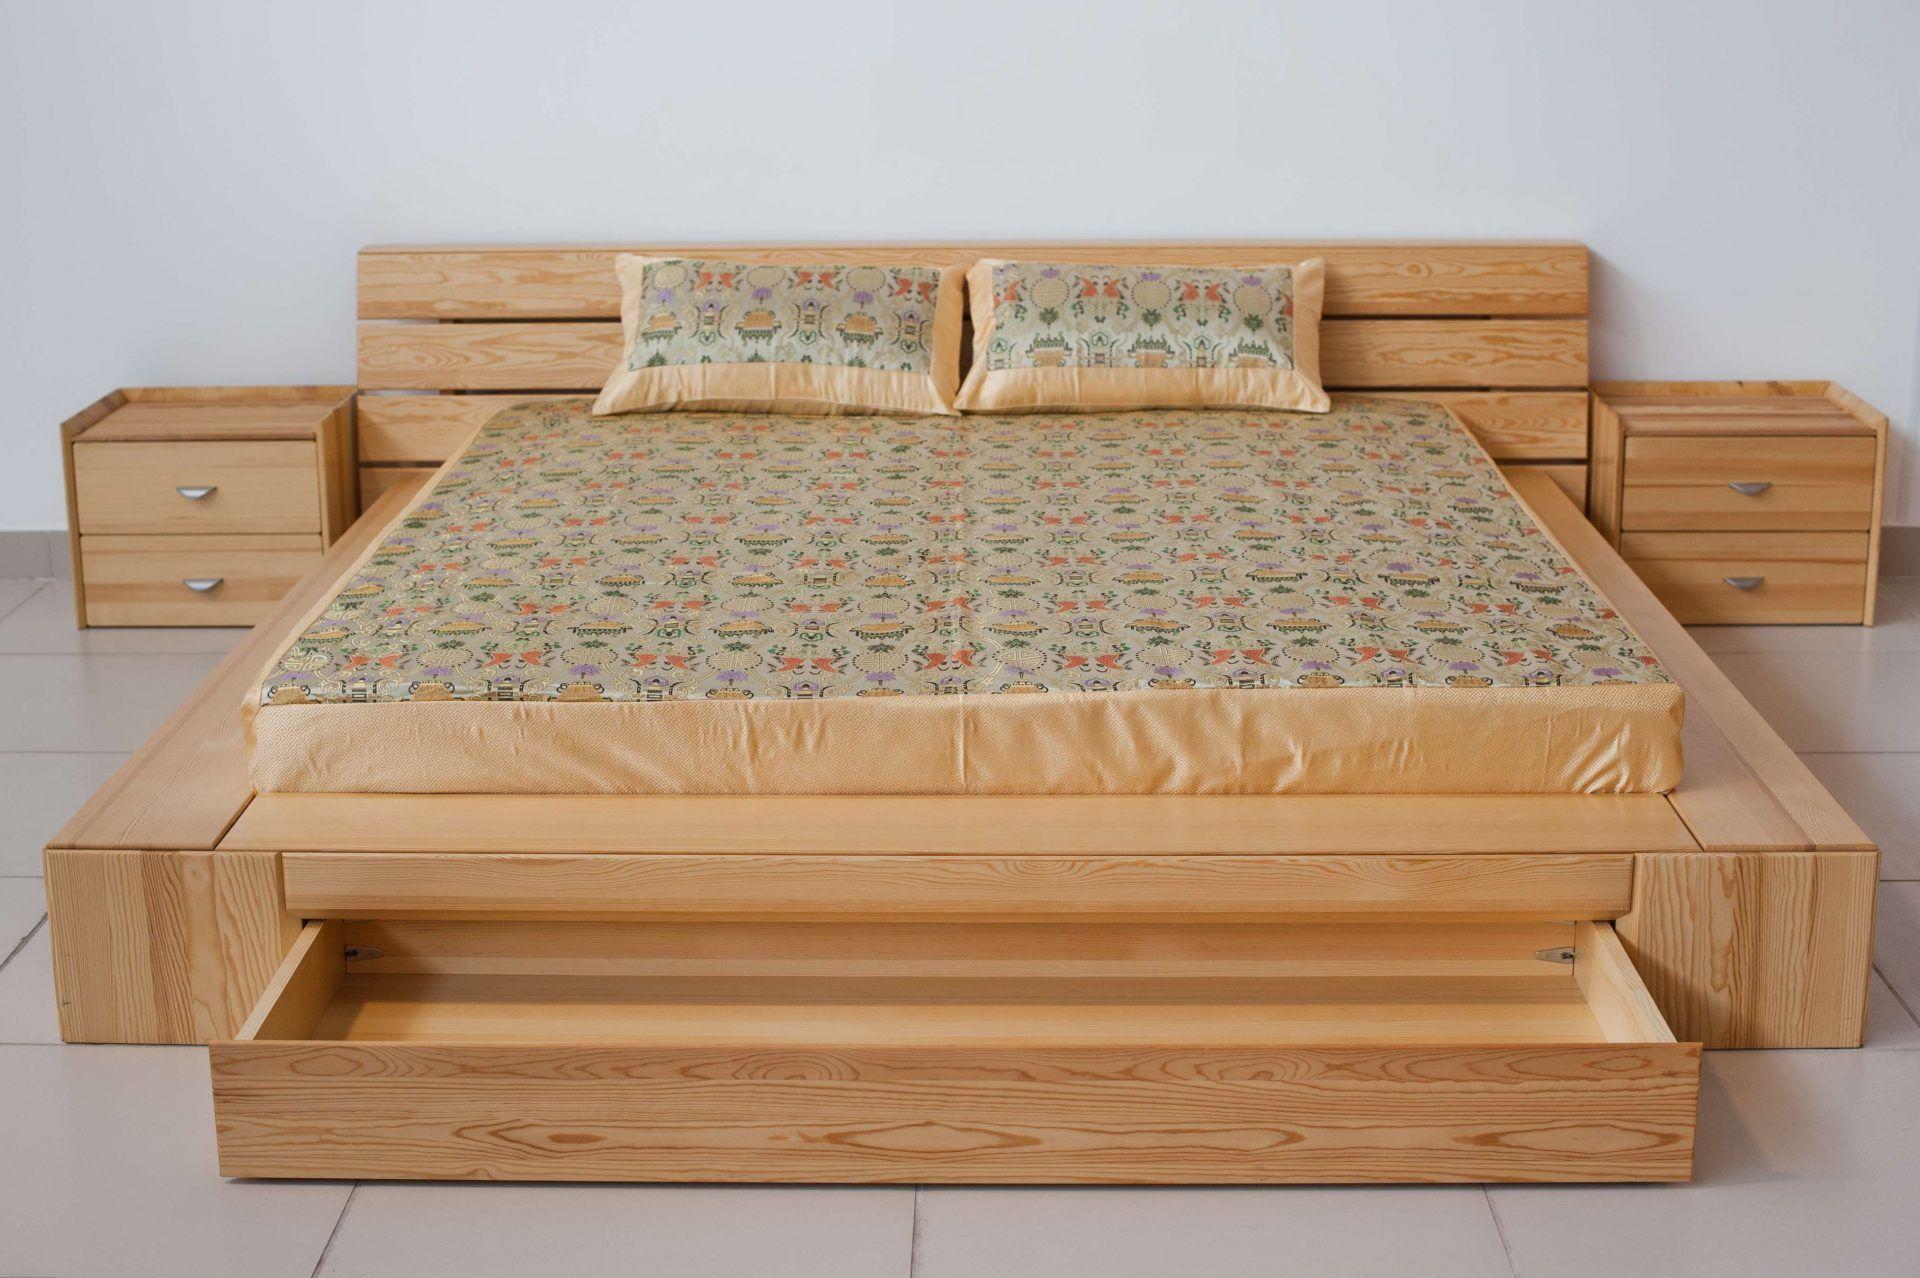 было мебель своими руками фото легко и красиво оккупированного крымского полуострова